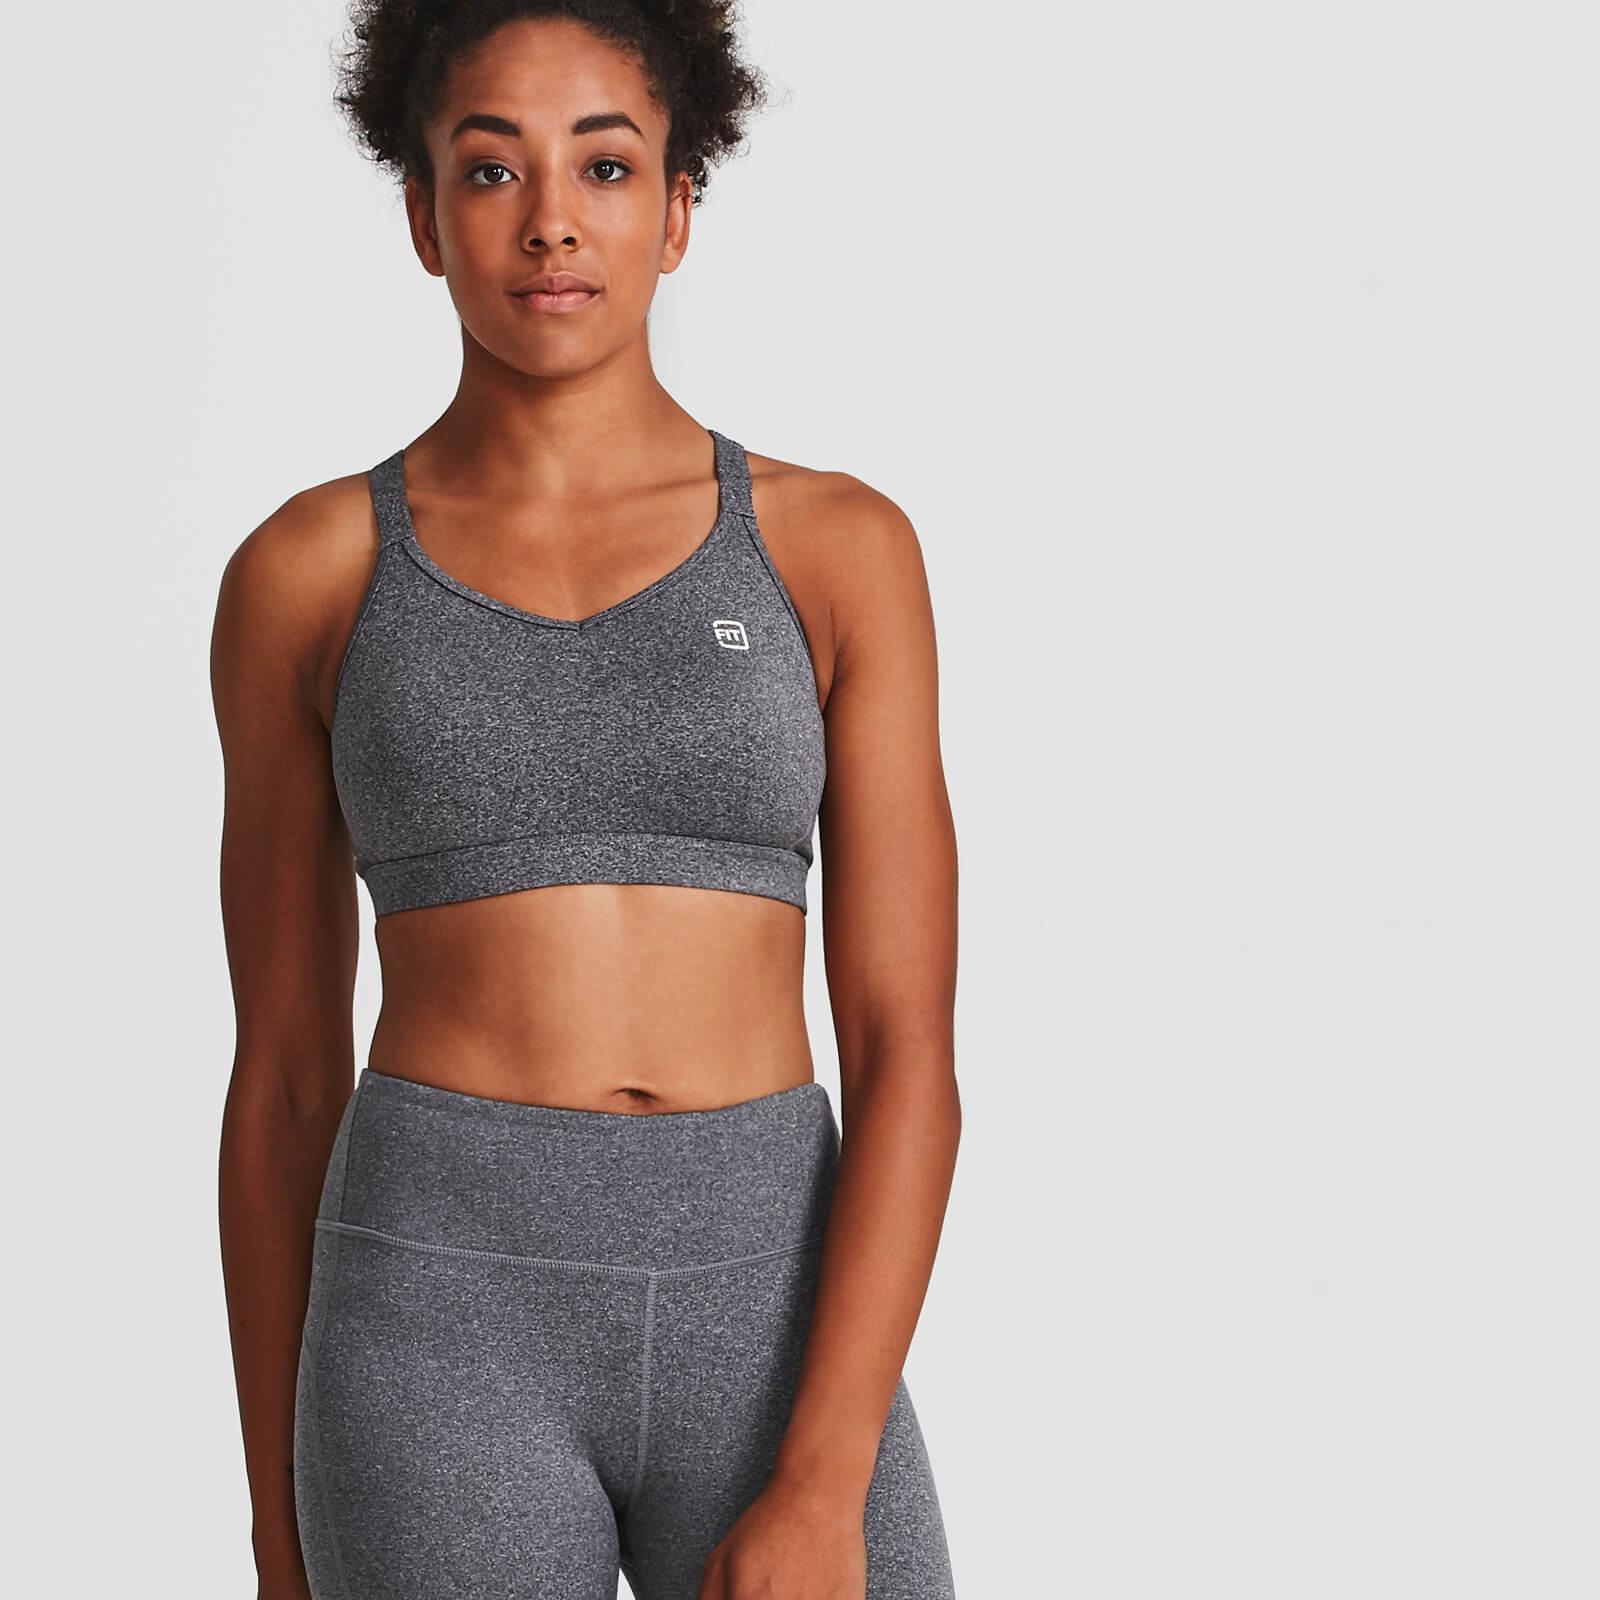 IdealFit Core Sports Bra - Grey - L - Grey